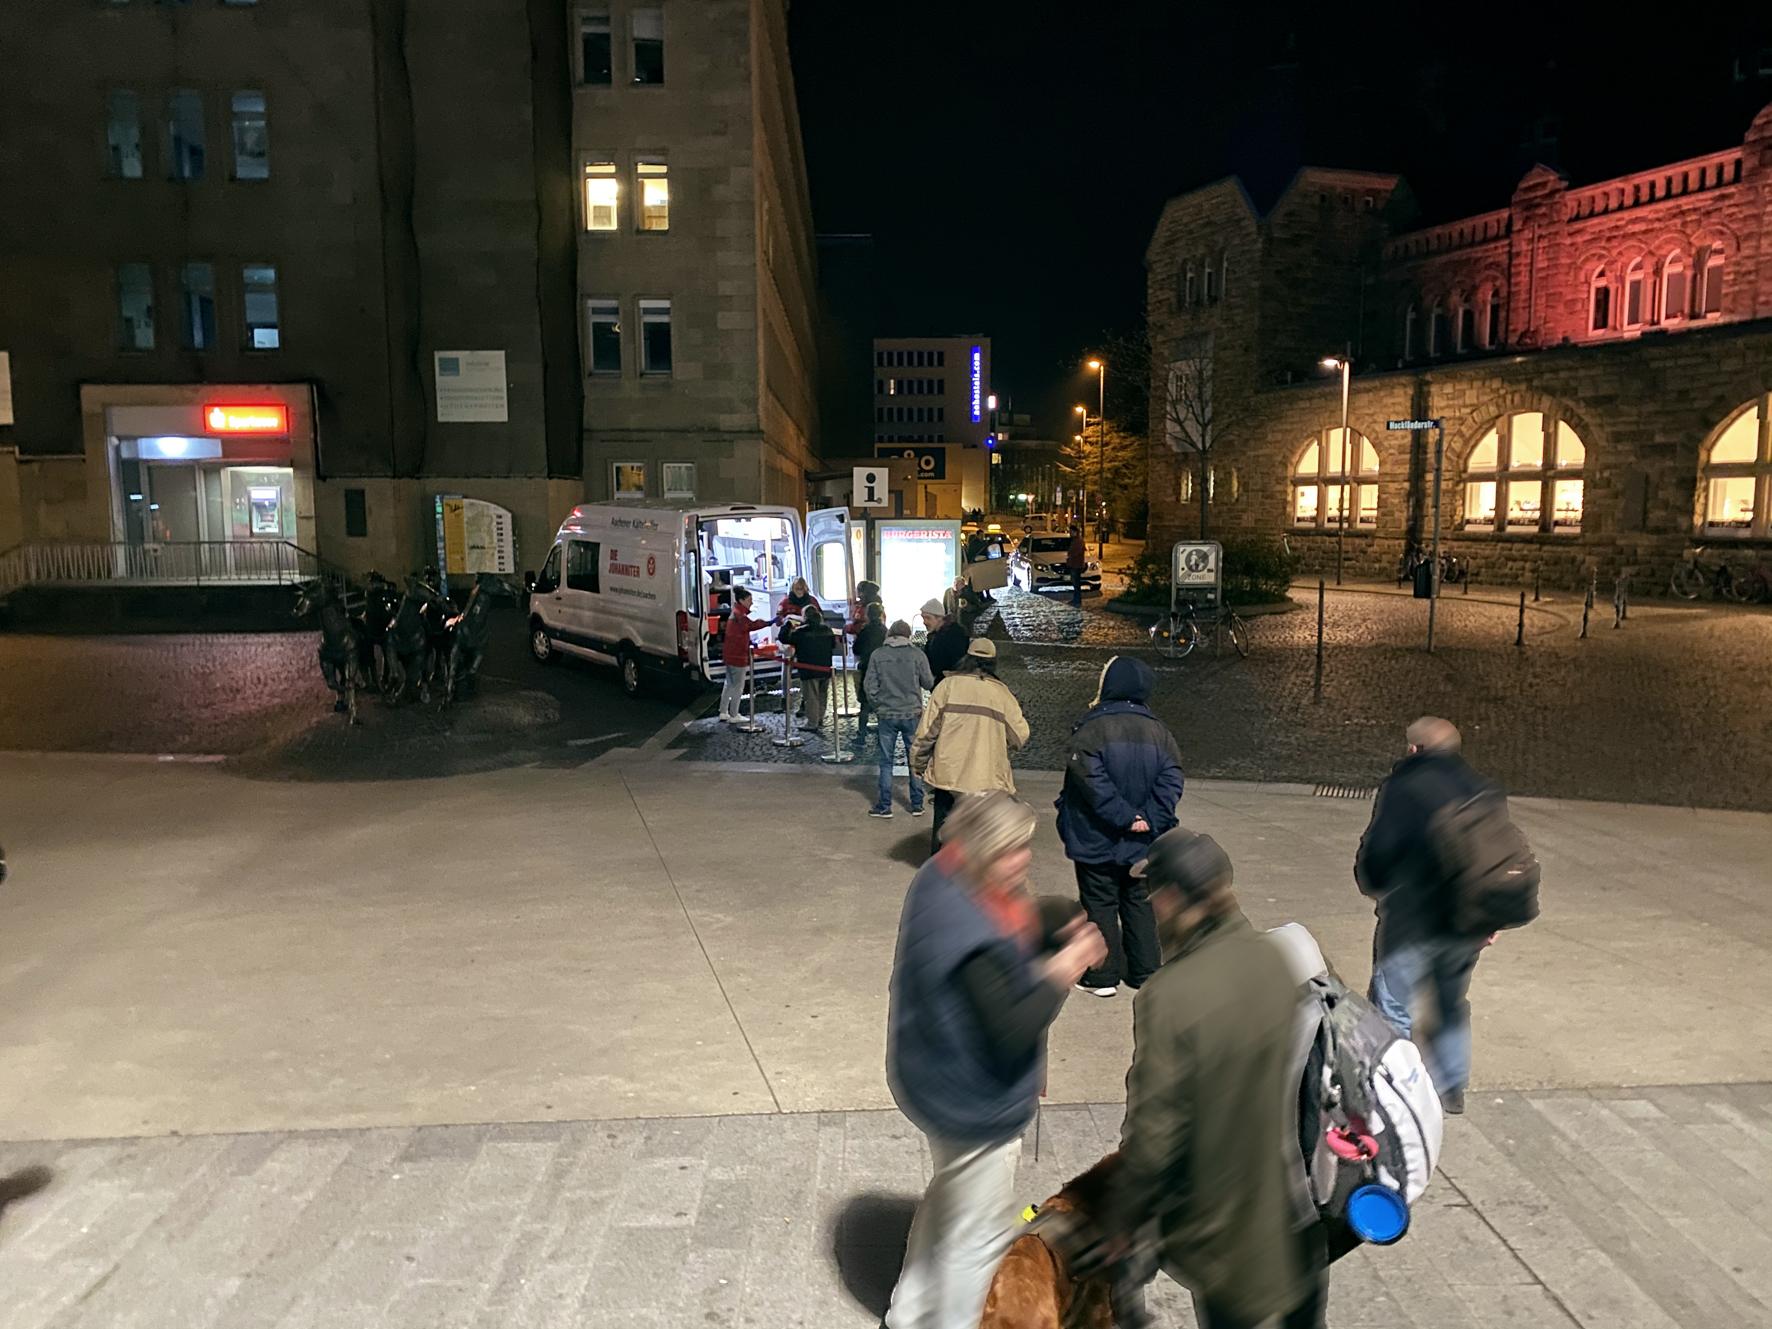 Obdachlose warten vor dem Aachener Hauptbahnhof auf die Ausgabe von warmem Essen